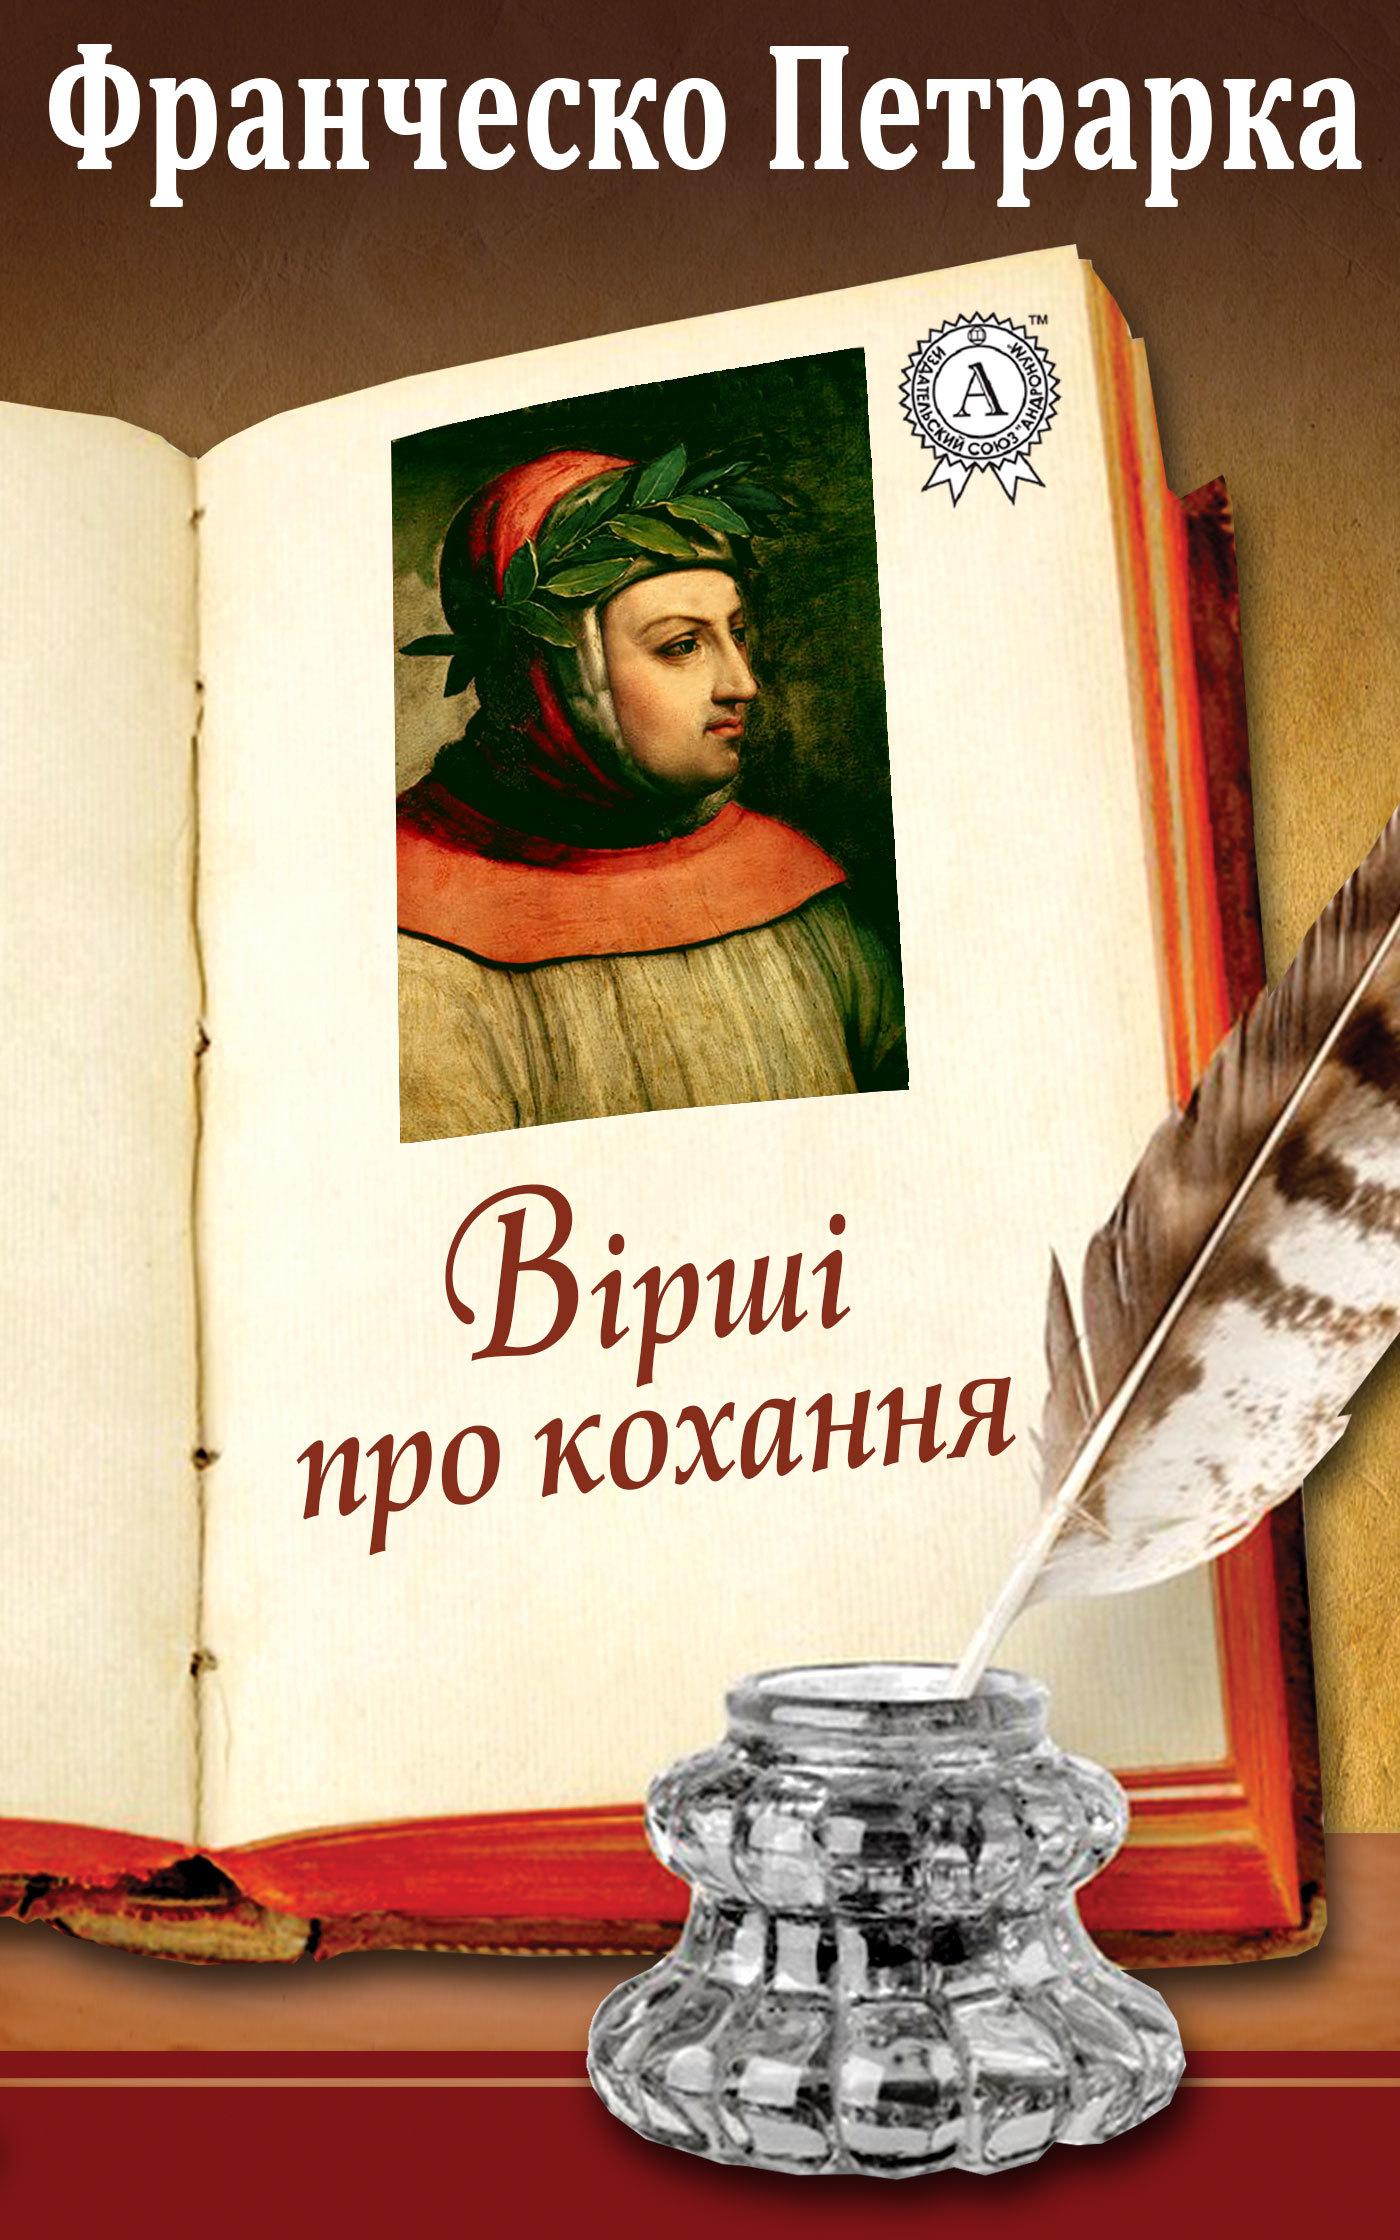 Вірші про кохання ( Франческо Петрарка  )